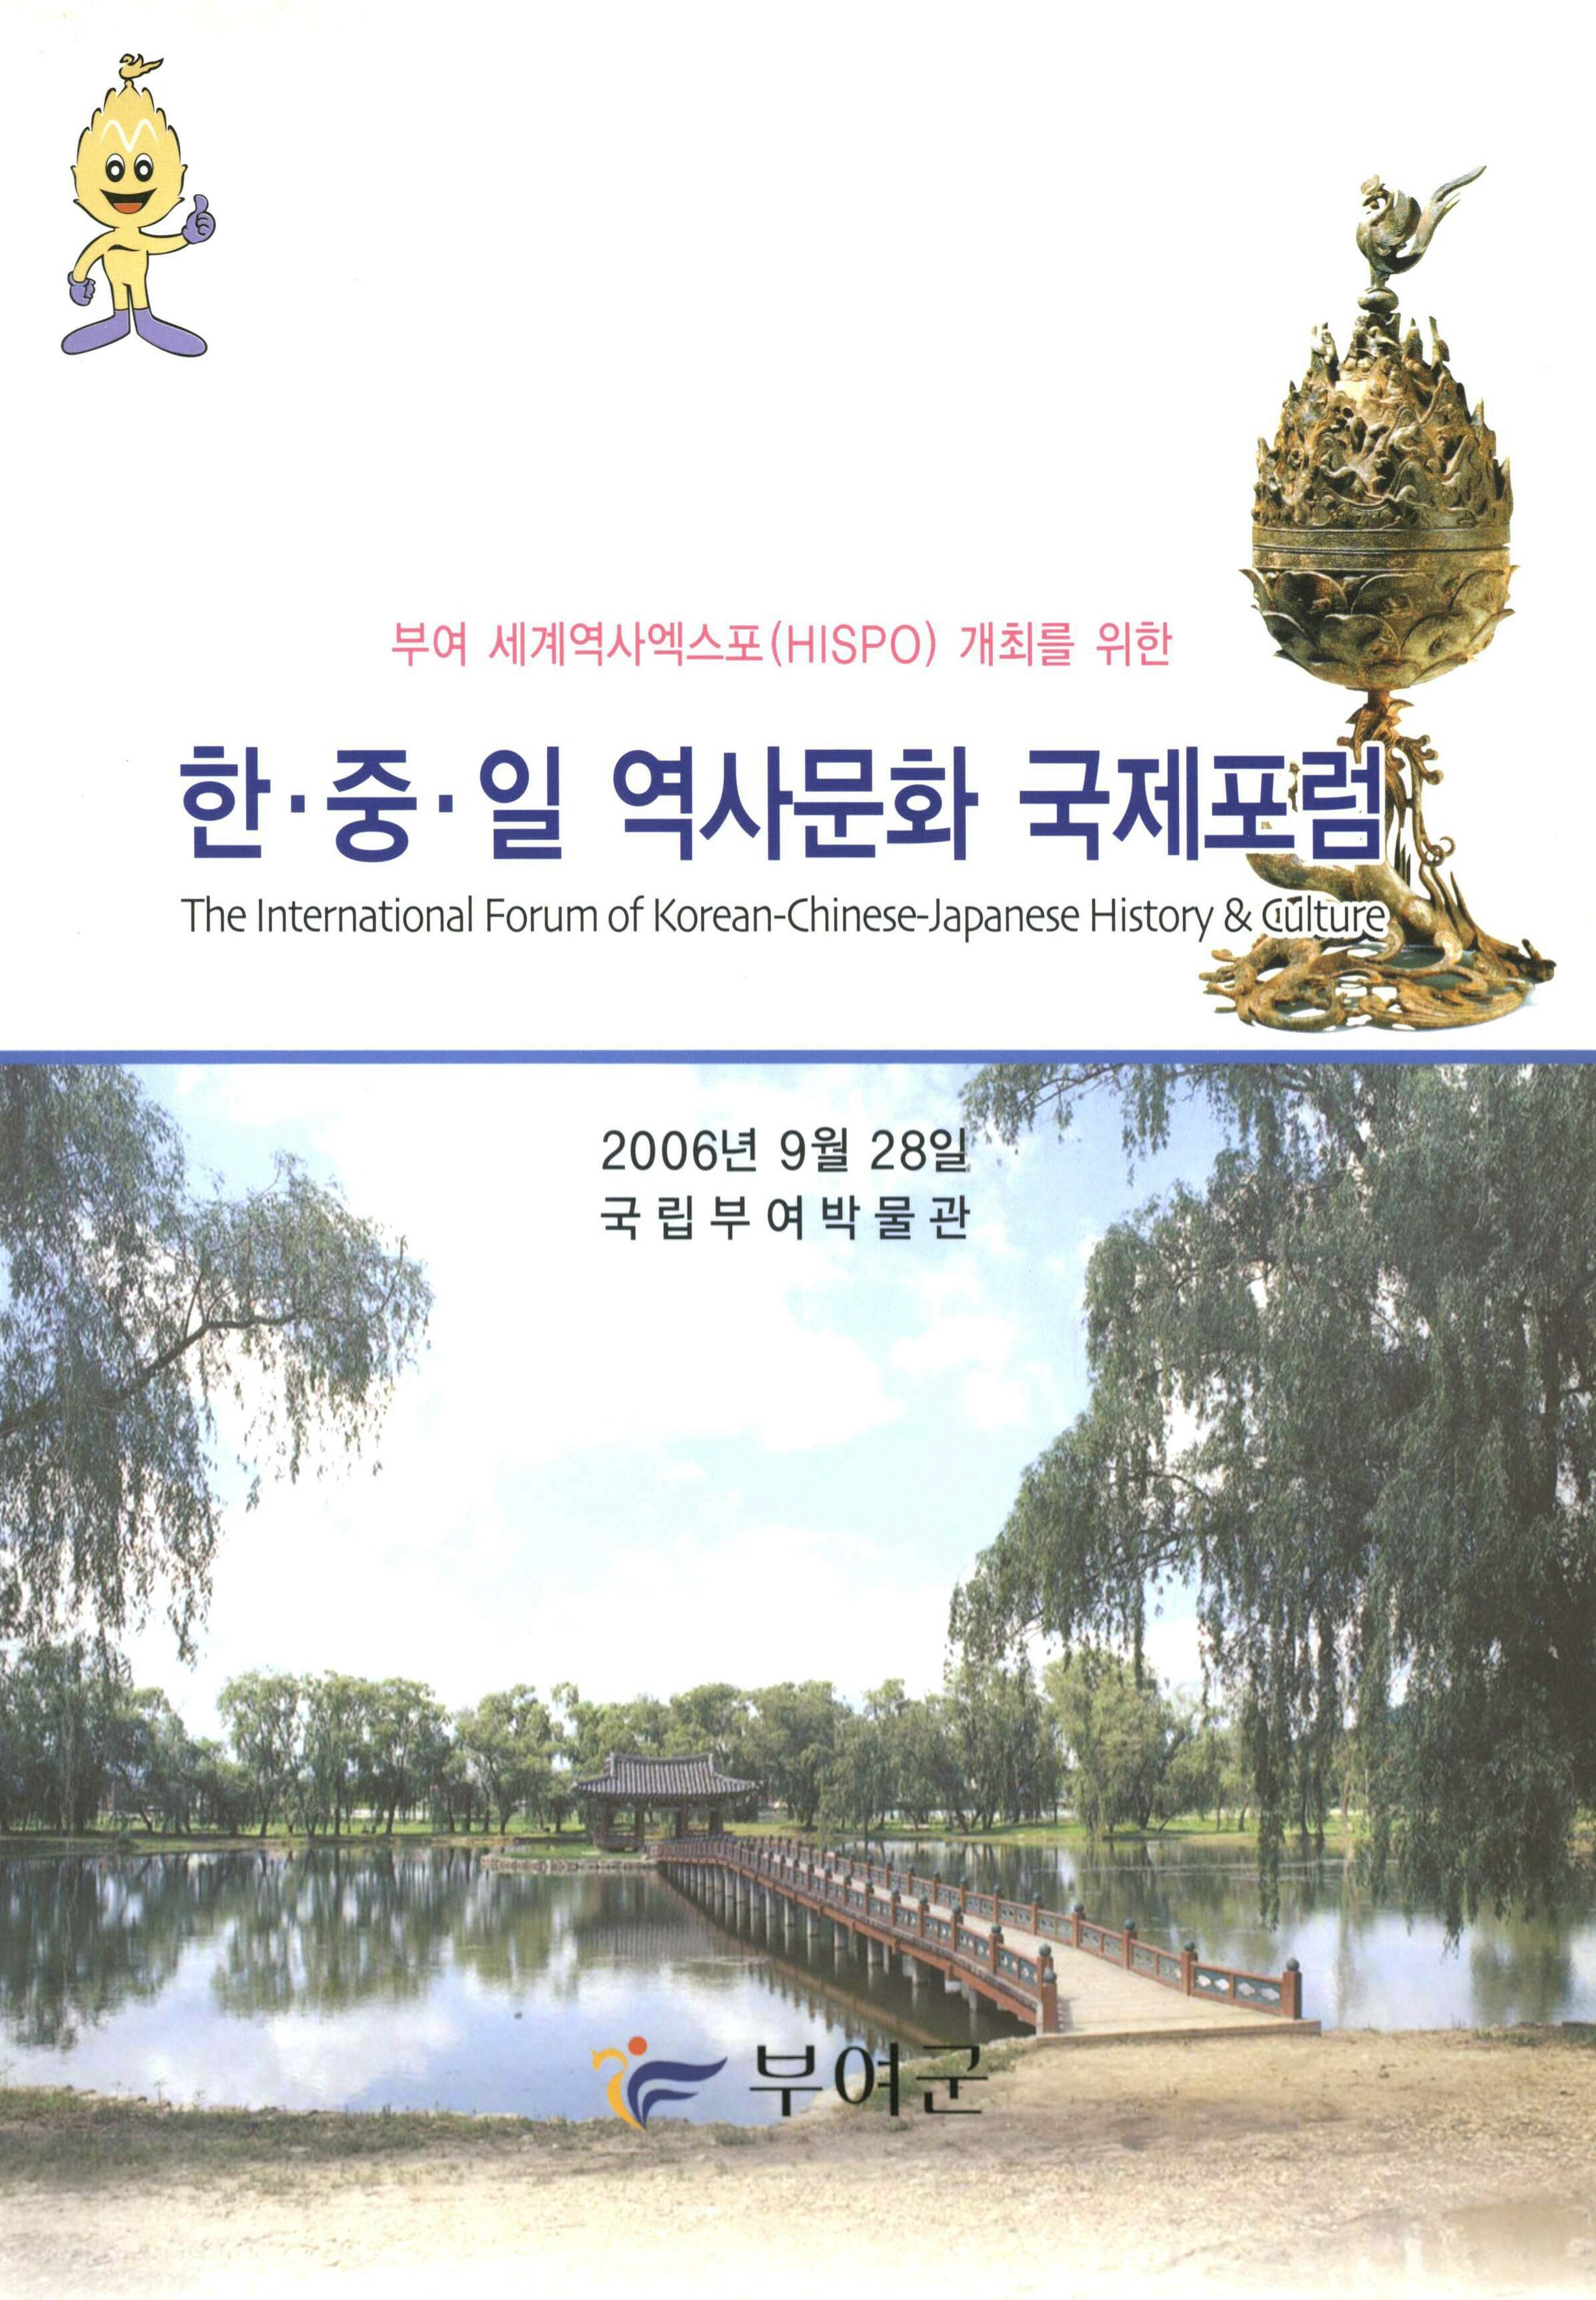 부여 세계역사엑스포(HISPO) 개최를 위한 한중일 역사문화 국제포럼